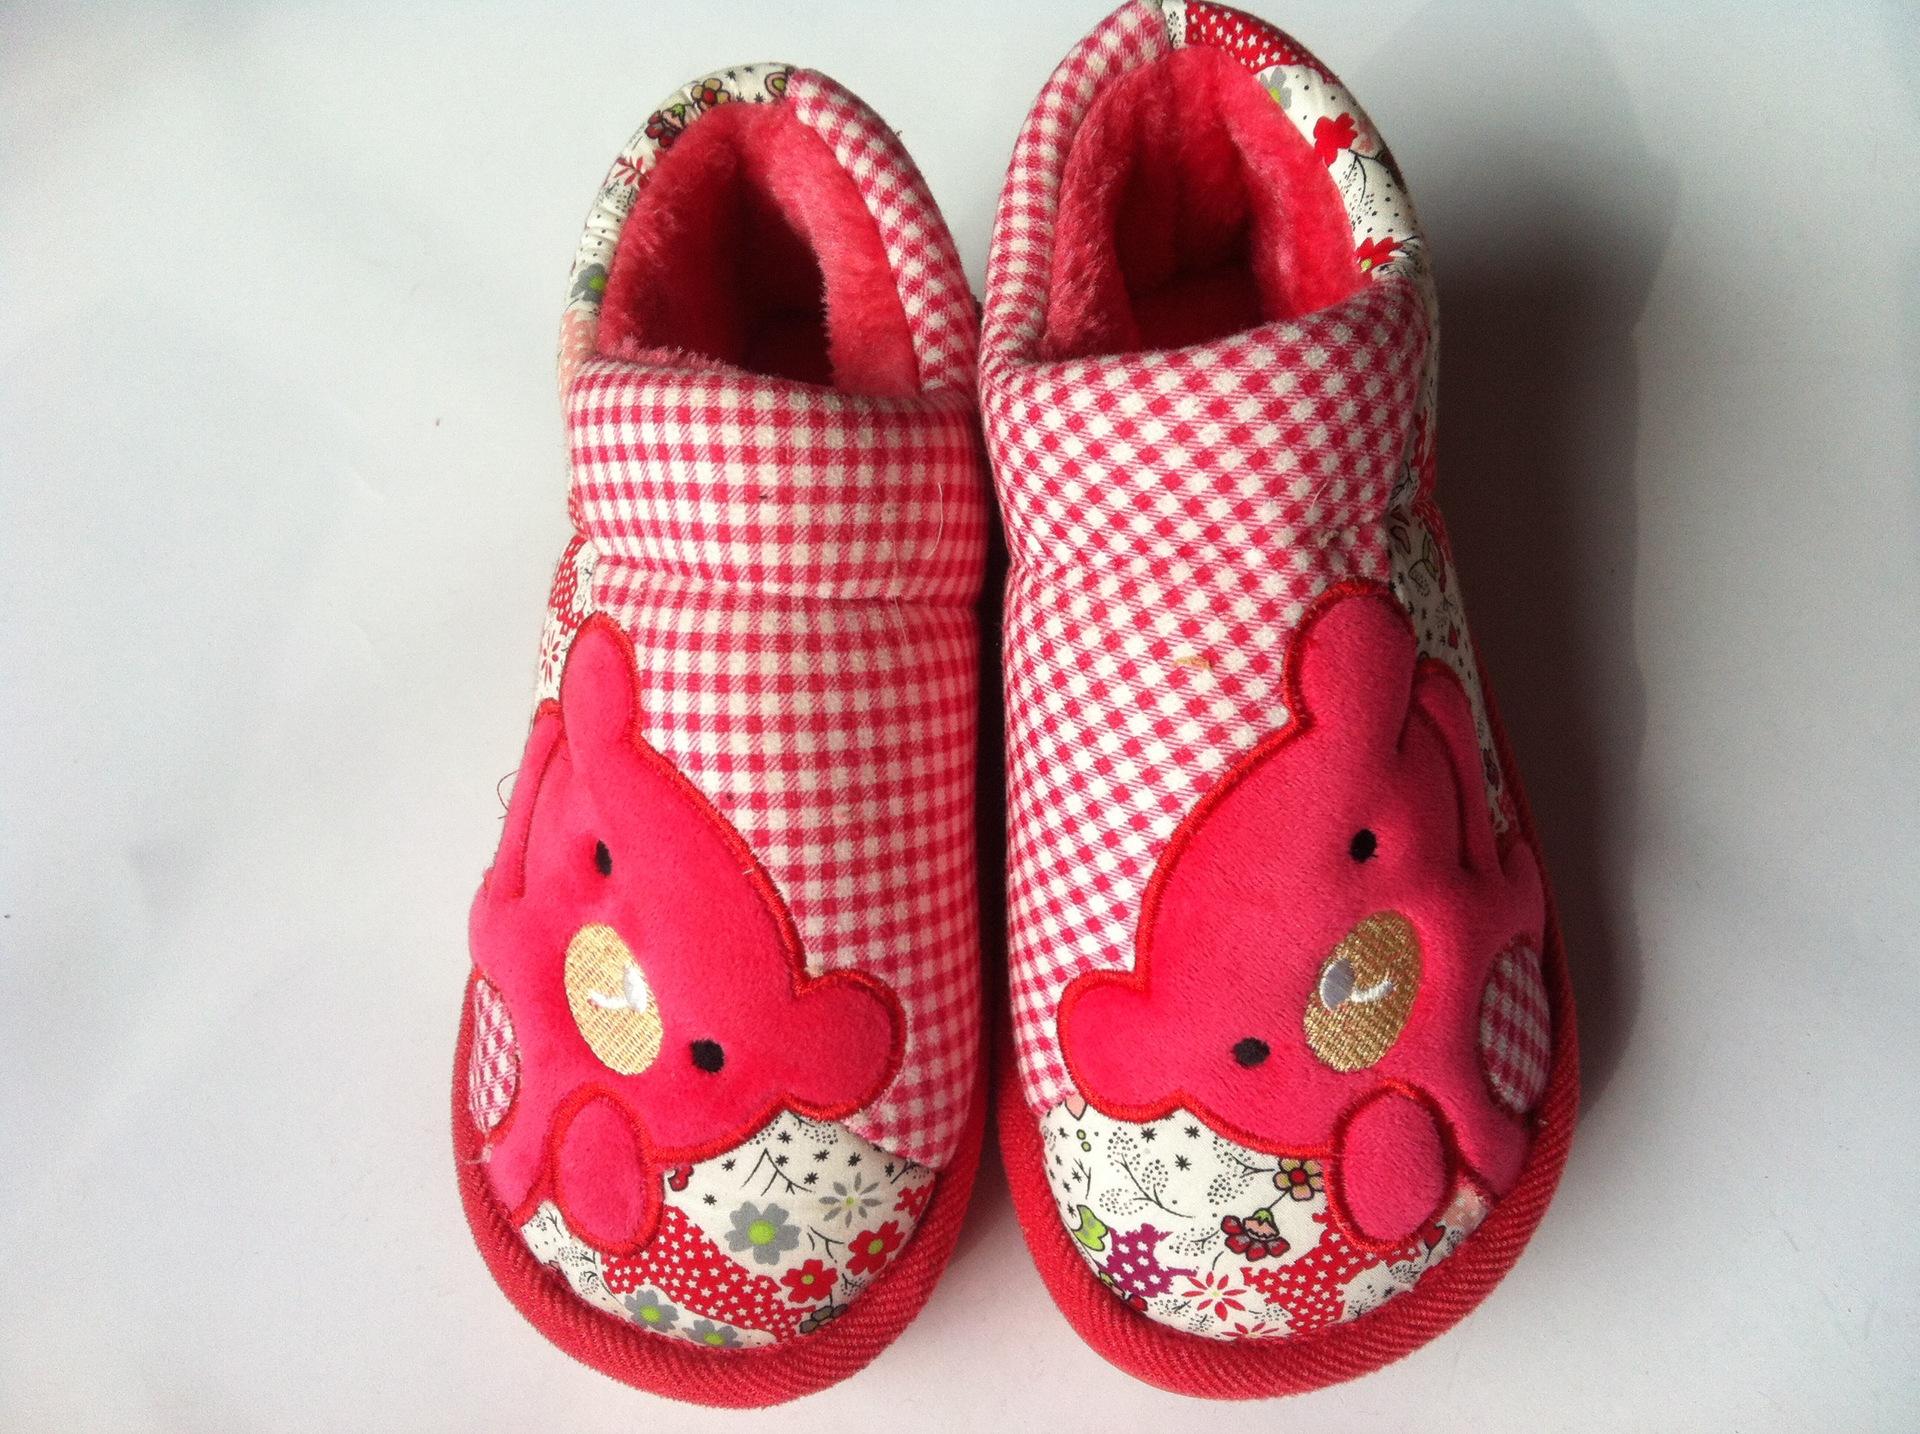 【棉鞋v棉鞋棉花特价拼面板布小熊款棉种子吹图纸筋拖鞋图片